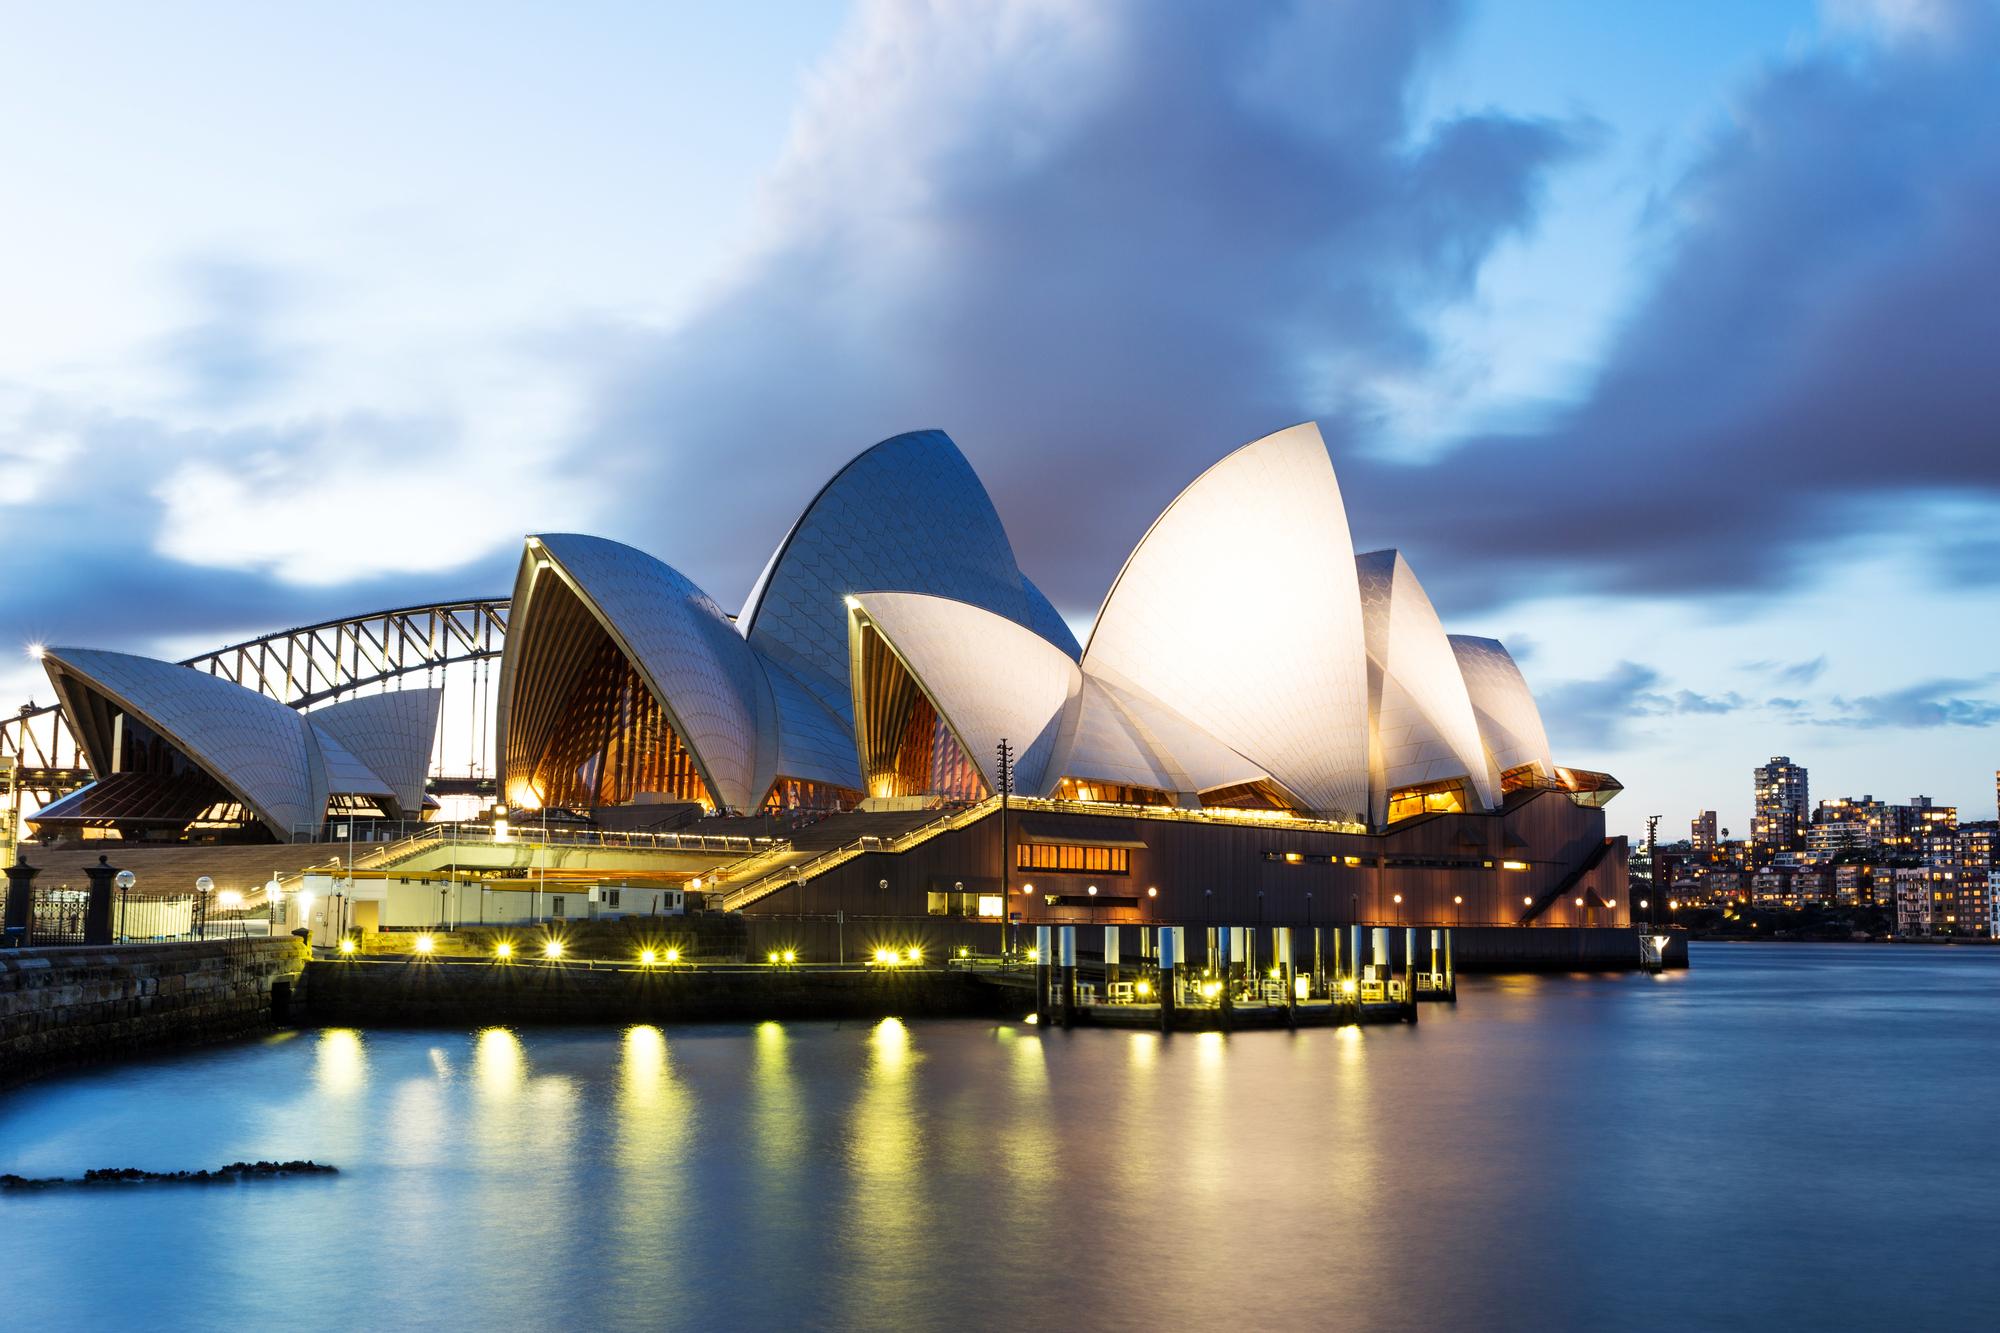 Annulation de l'un des évènements phare du pays : l'Australian Tourism Exchange (ATE) /crédir DeposiPhoto